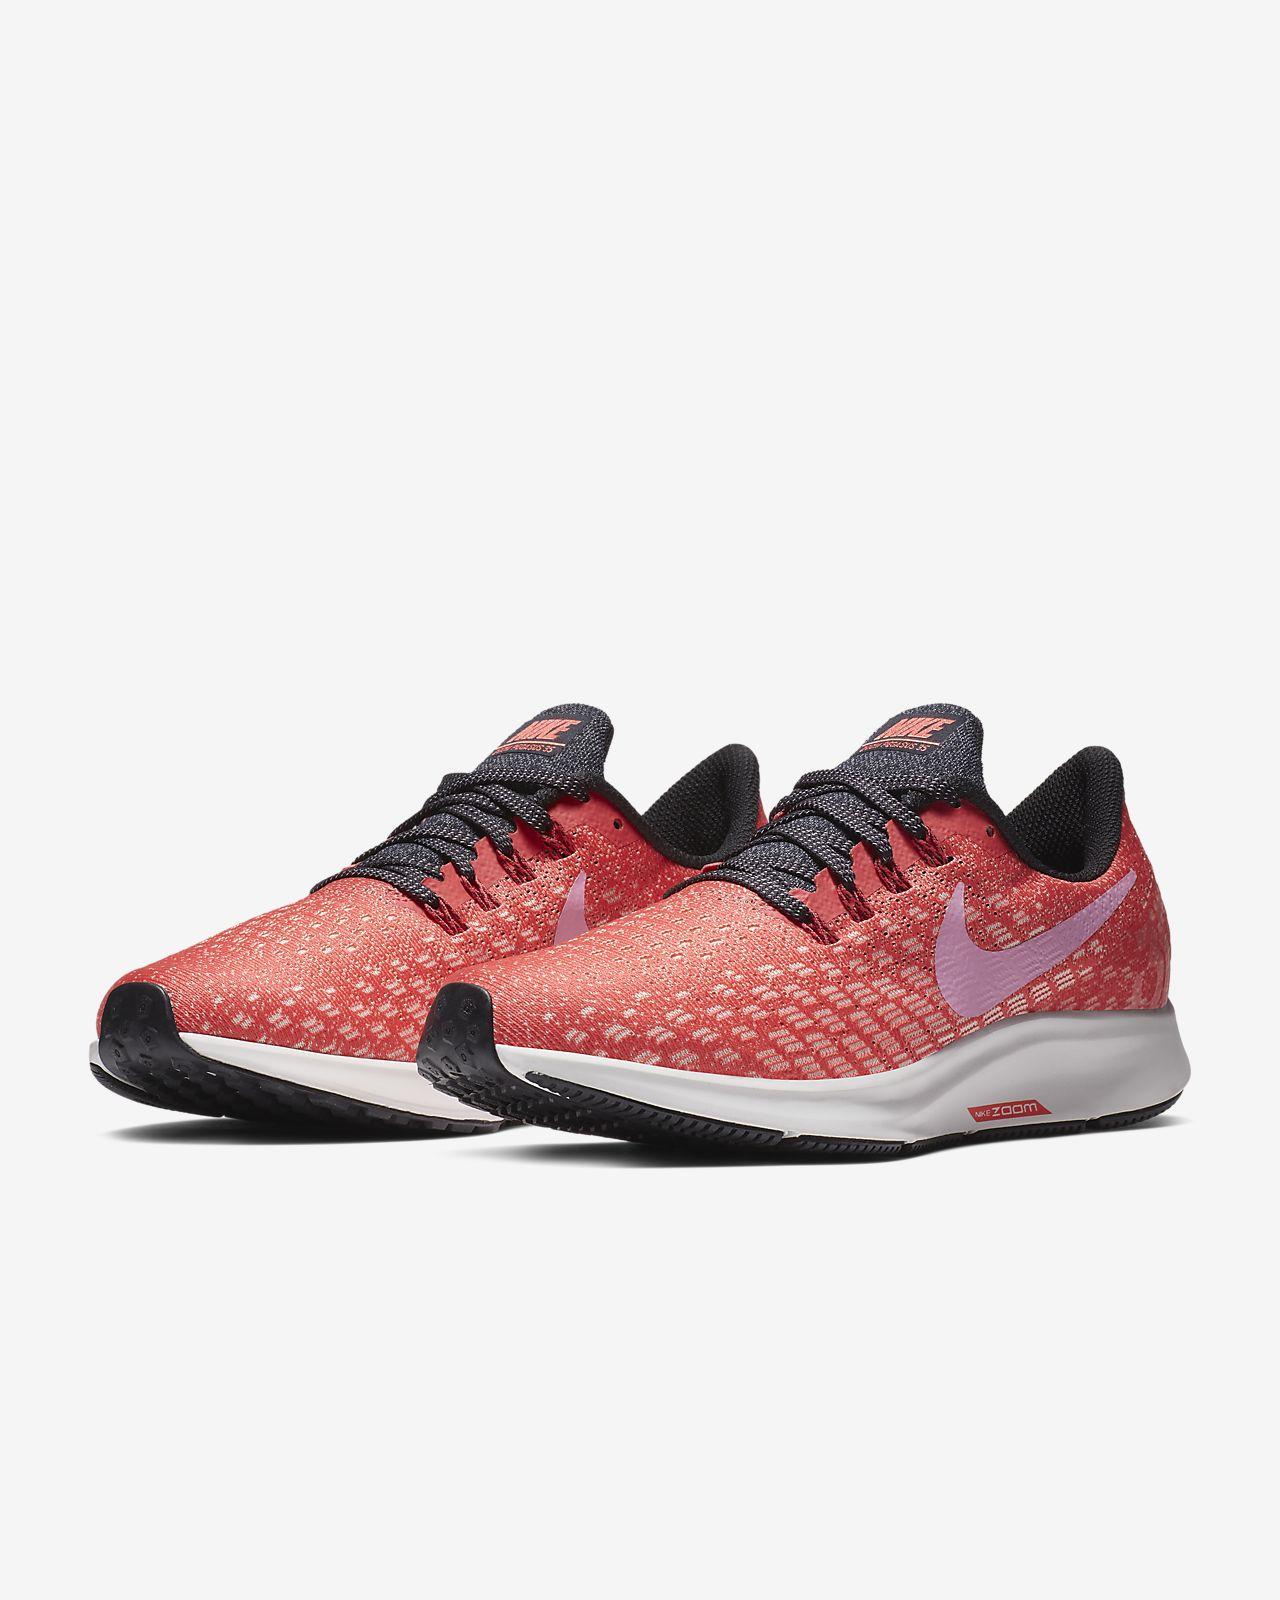 0d5477521977 Nike Air Zoom Pegasus 35 Women s Running Shoe. Nike.com HU